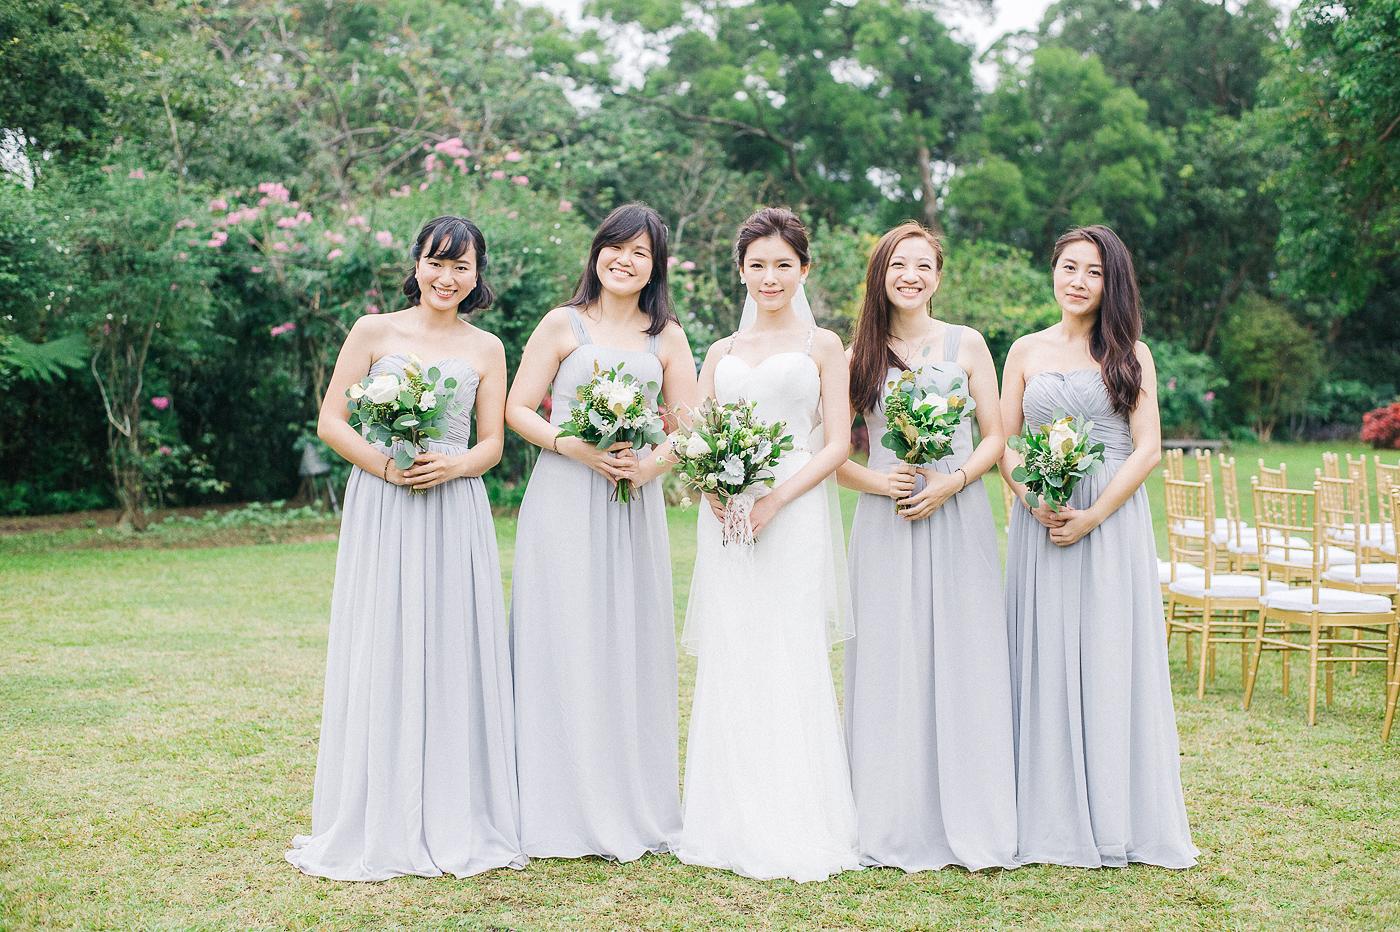 nickchang_realwedding_fineart-41